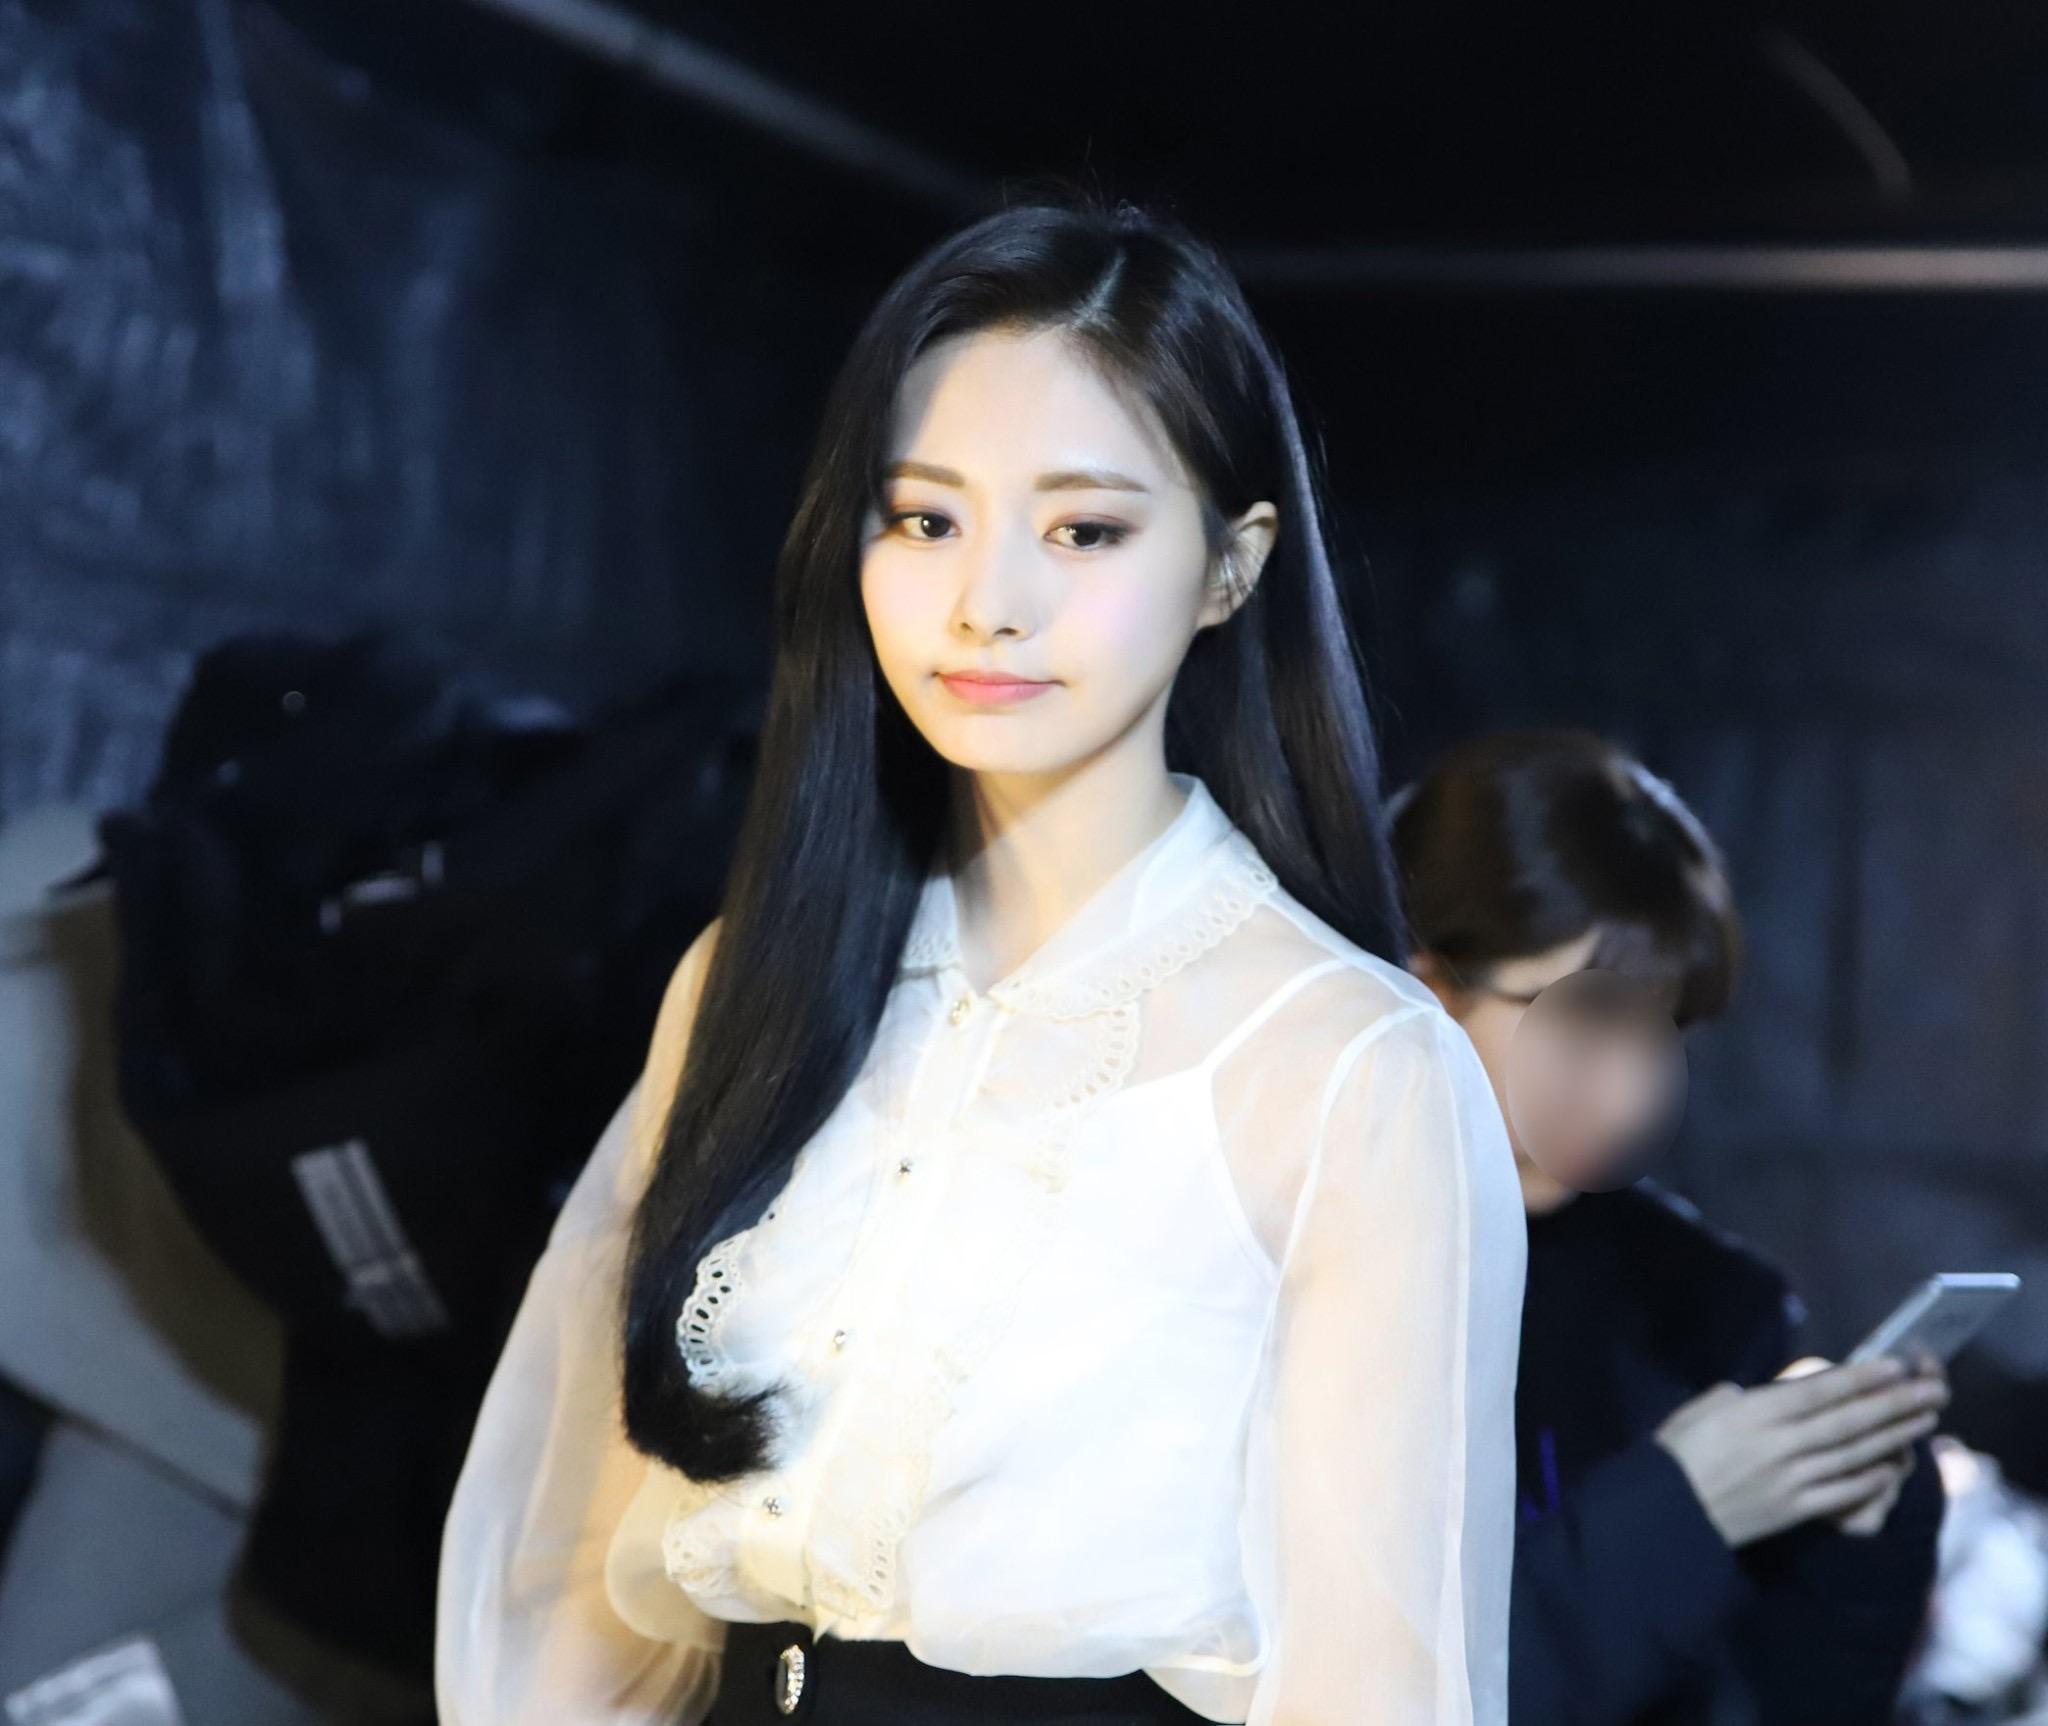 韓國女團TWICE成員周子瑜在「2019 KBS Song Festival」 後台照片。(圖片來源:TWICE官方臉書)